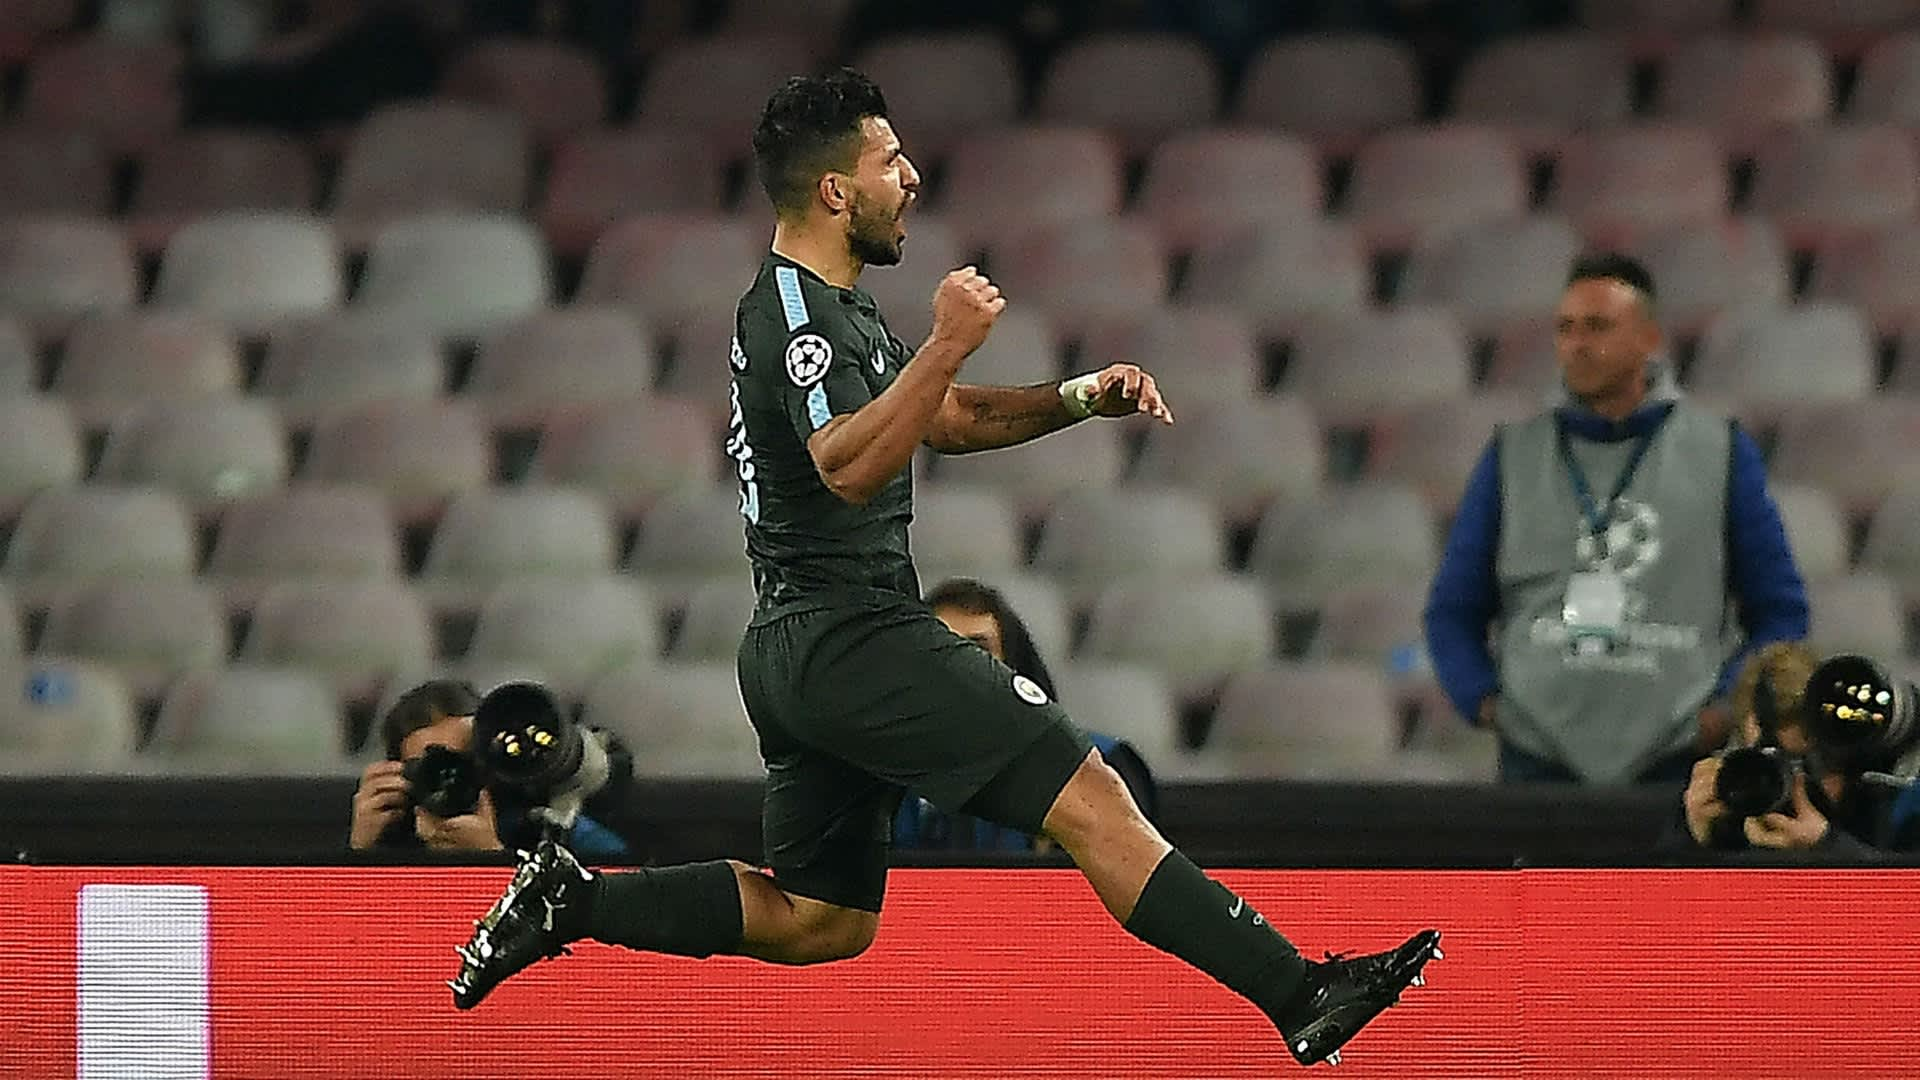 Sergio Aguero - Manchester City striker